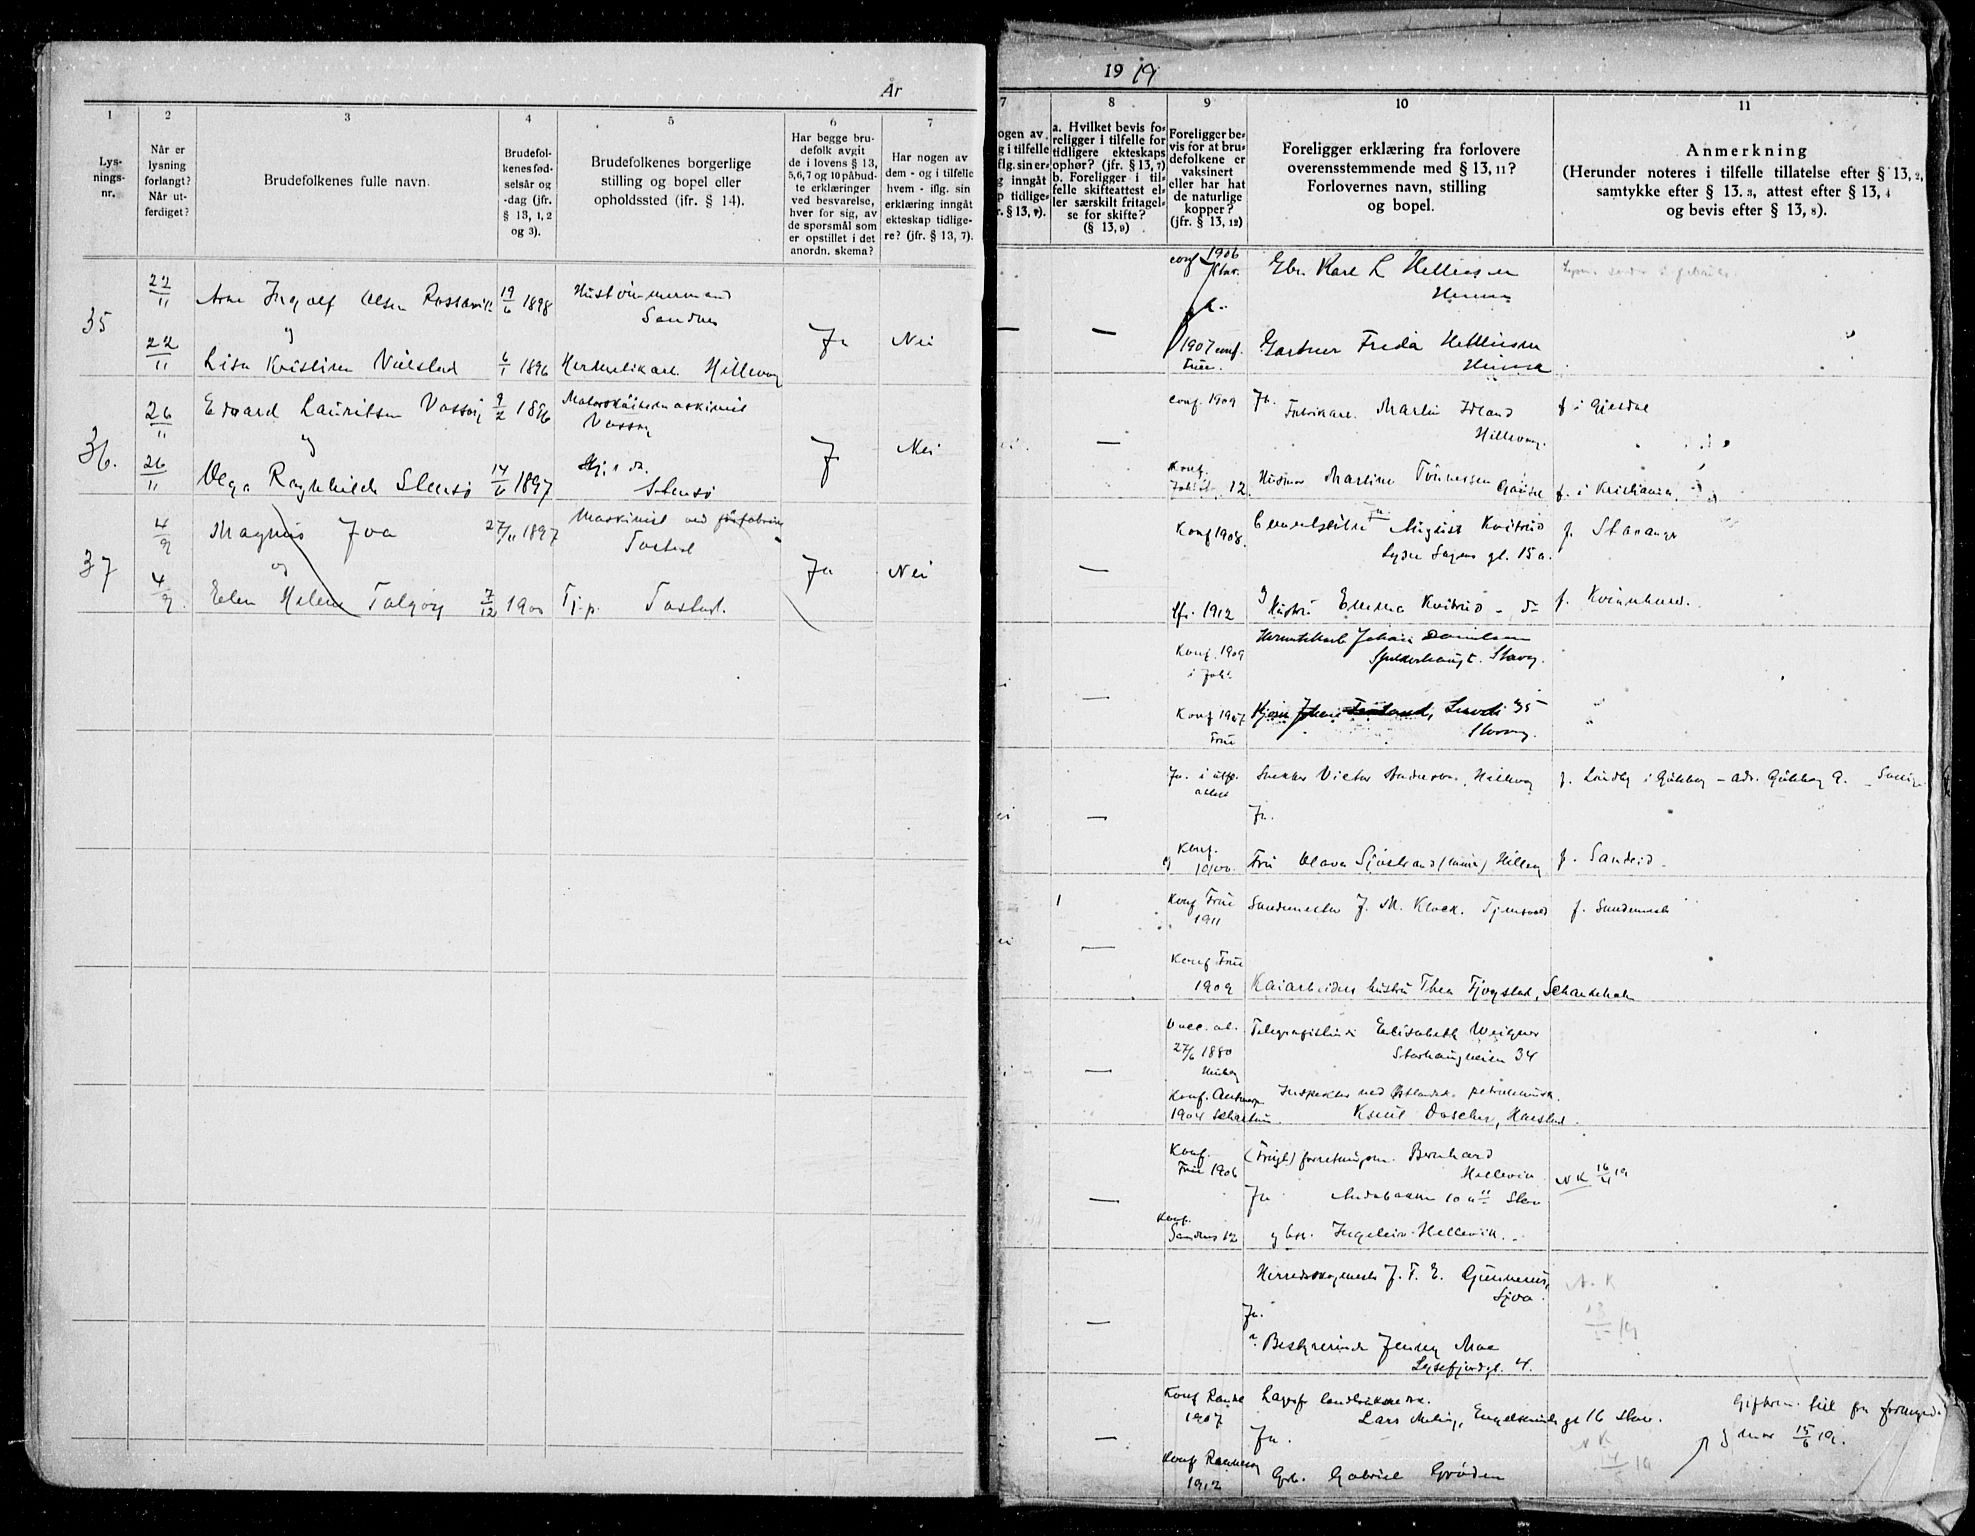 SAST, Hetland sokneprestkontor, 70/705BA/L0006: Lysningsprotokoll nr. 705.BA.6, 1919-1939